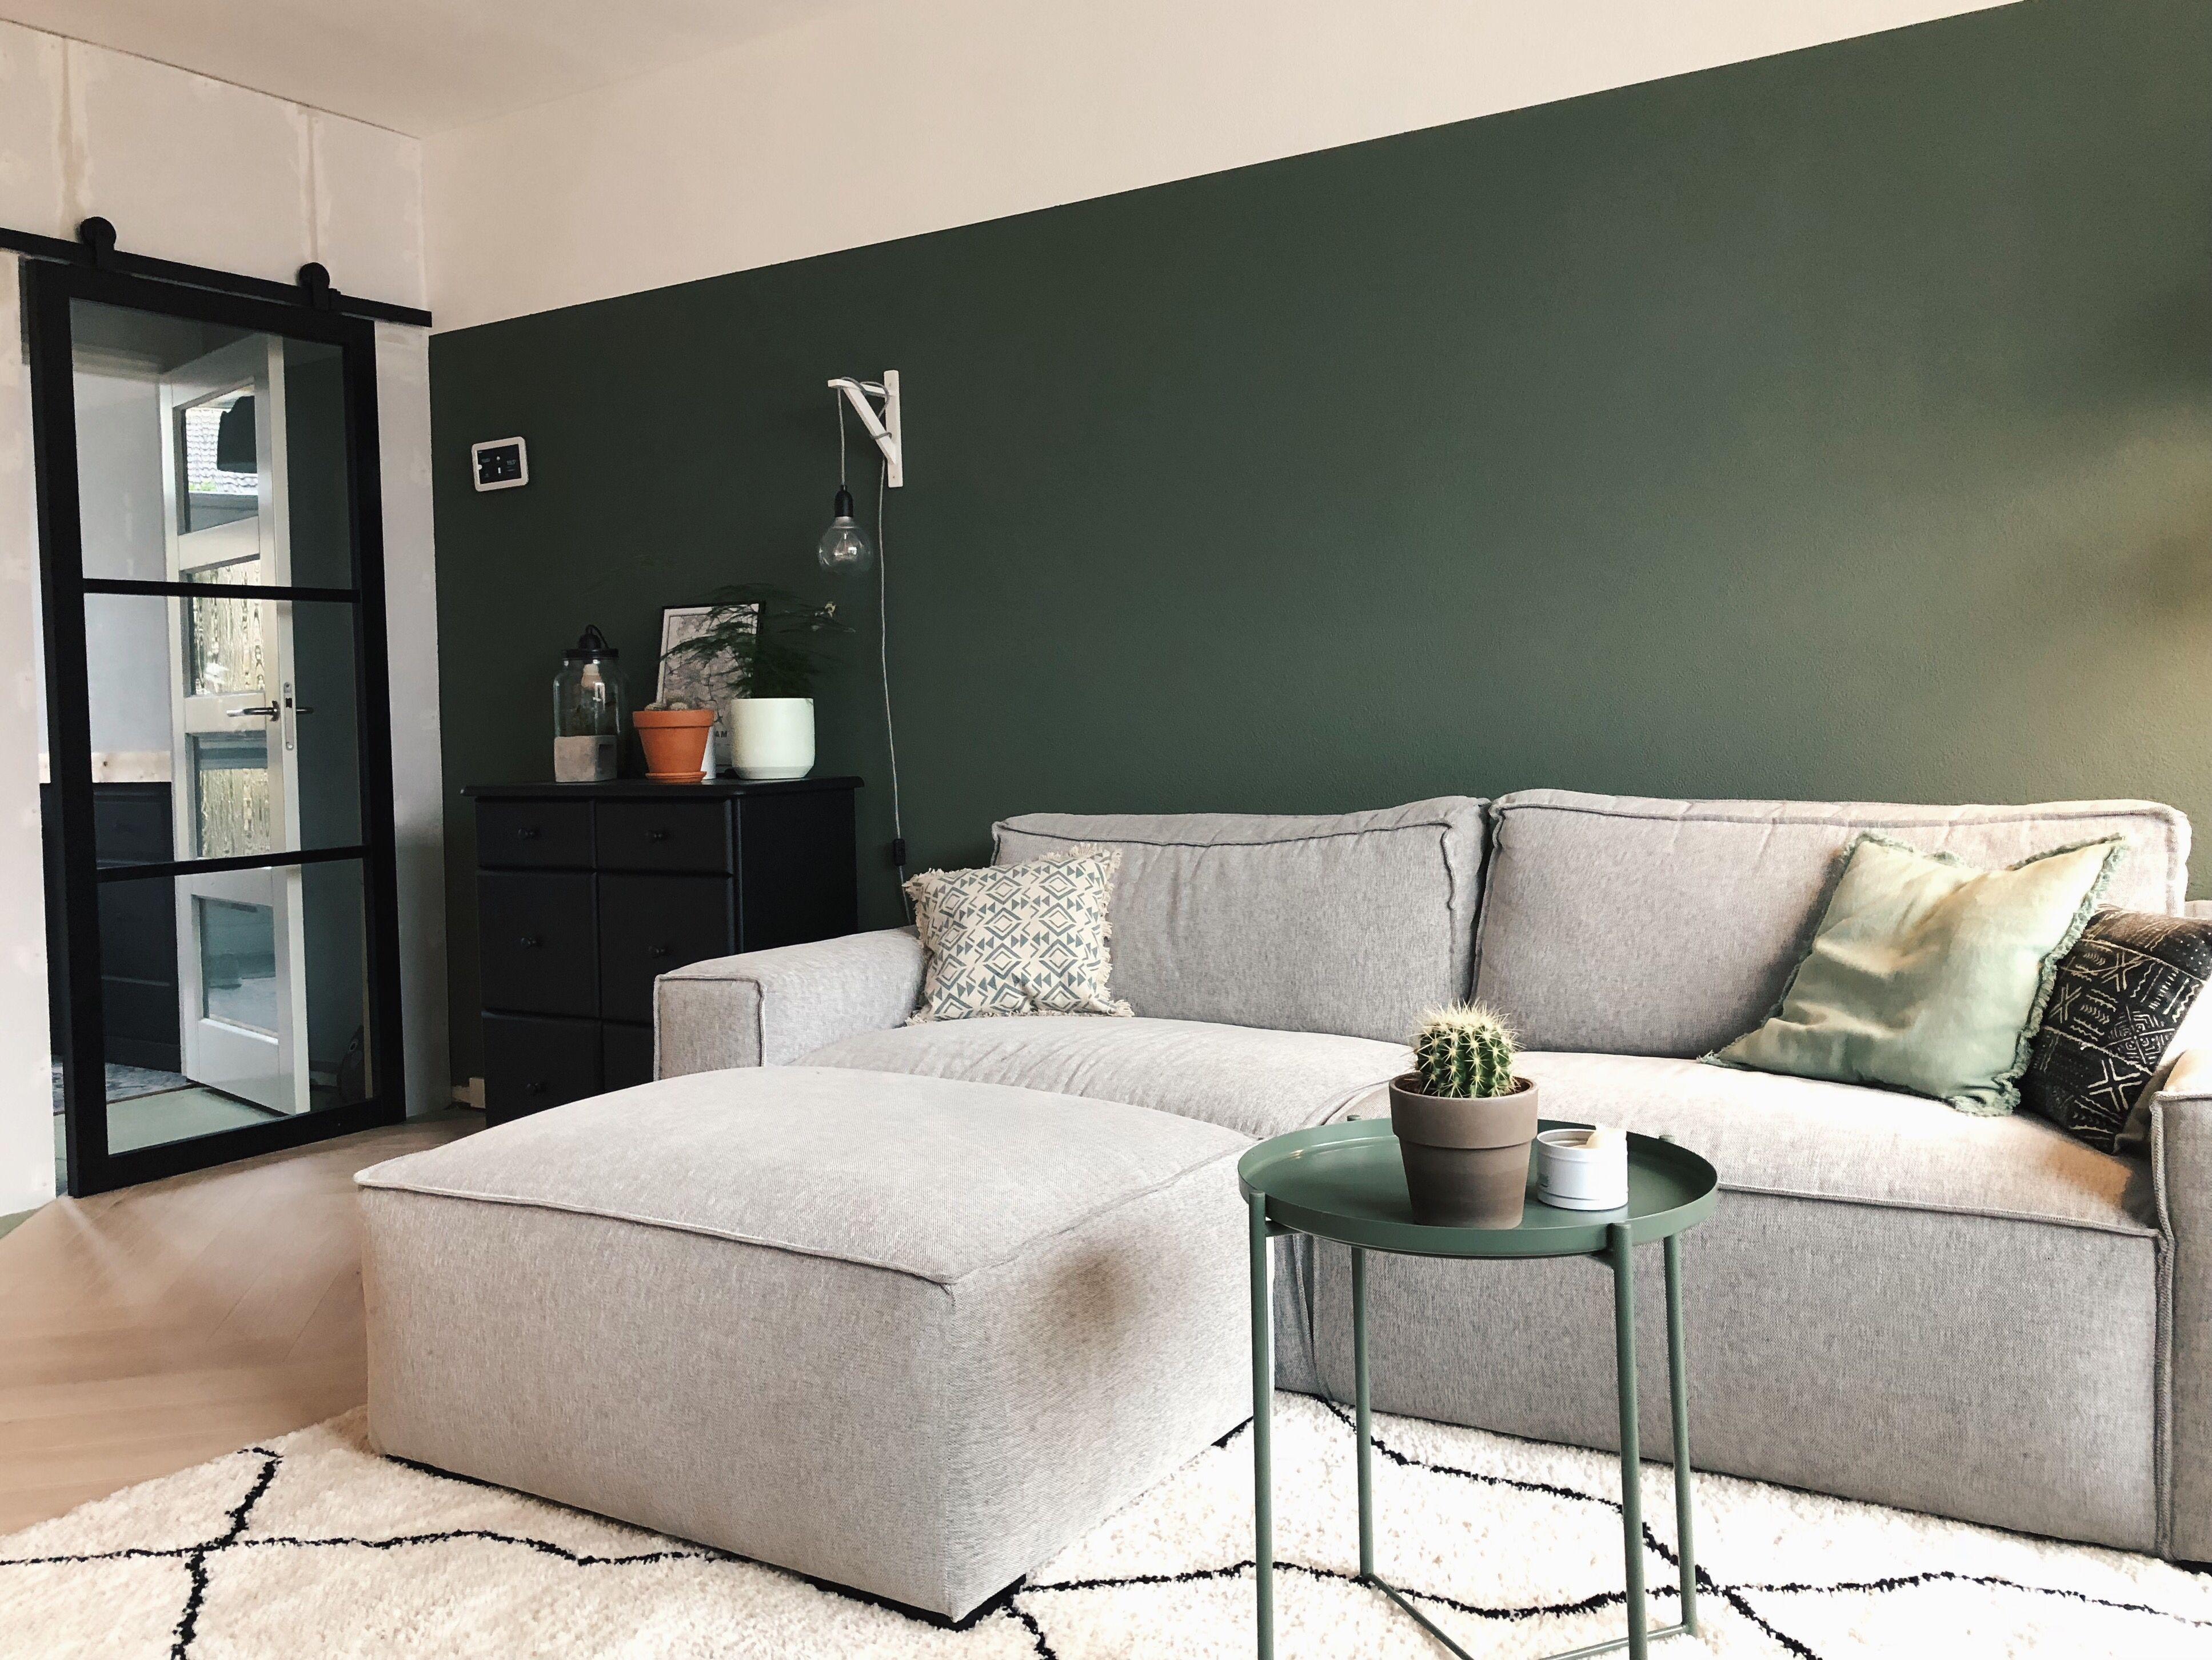 Houten schuifdeur vergelijkbaar met staal groene muur